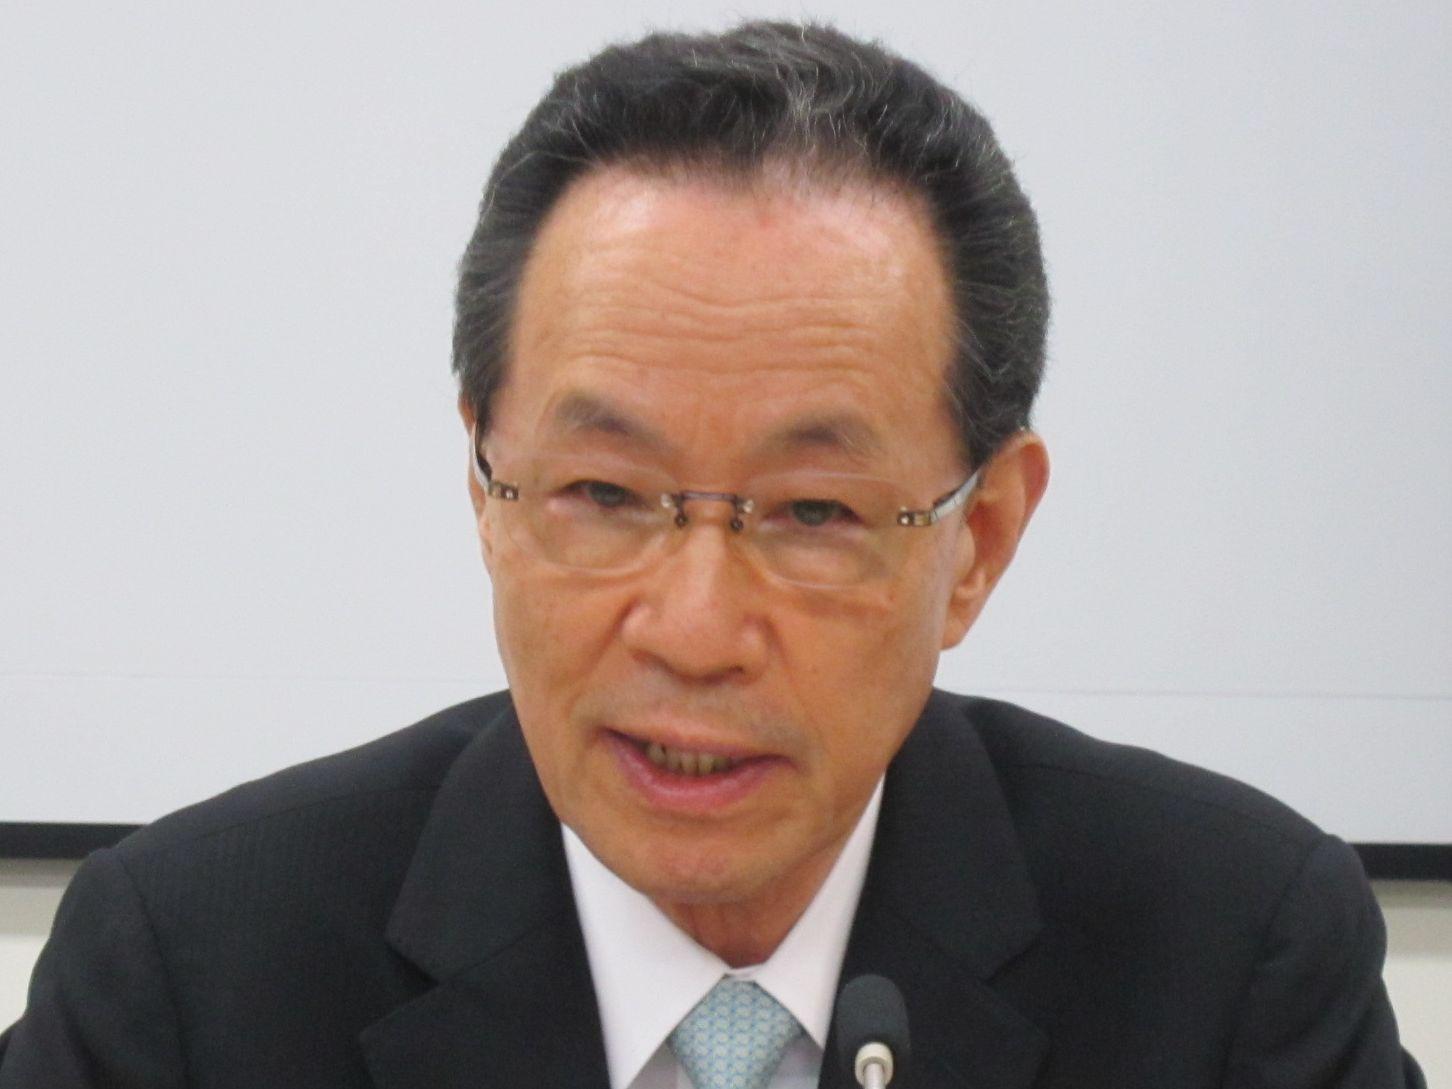 7月1日の定例記者会見に臨んだ、日本病院団体協議会の原澤茂副議長